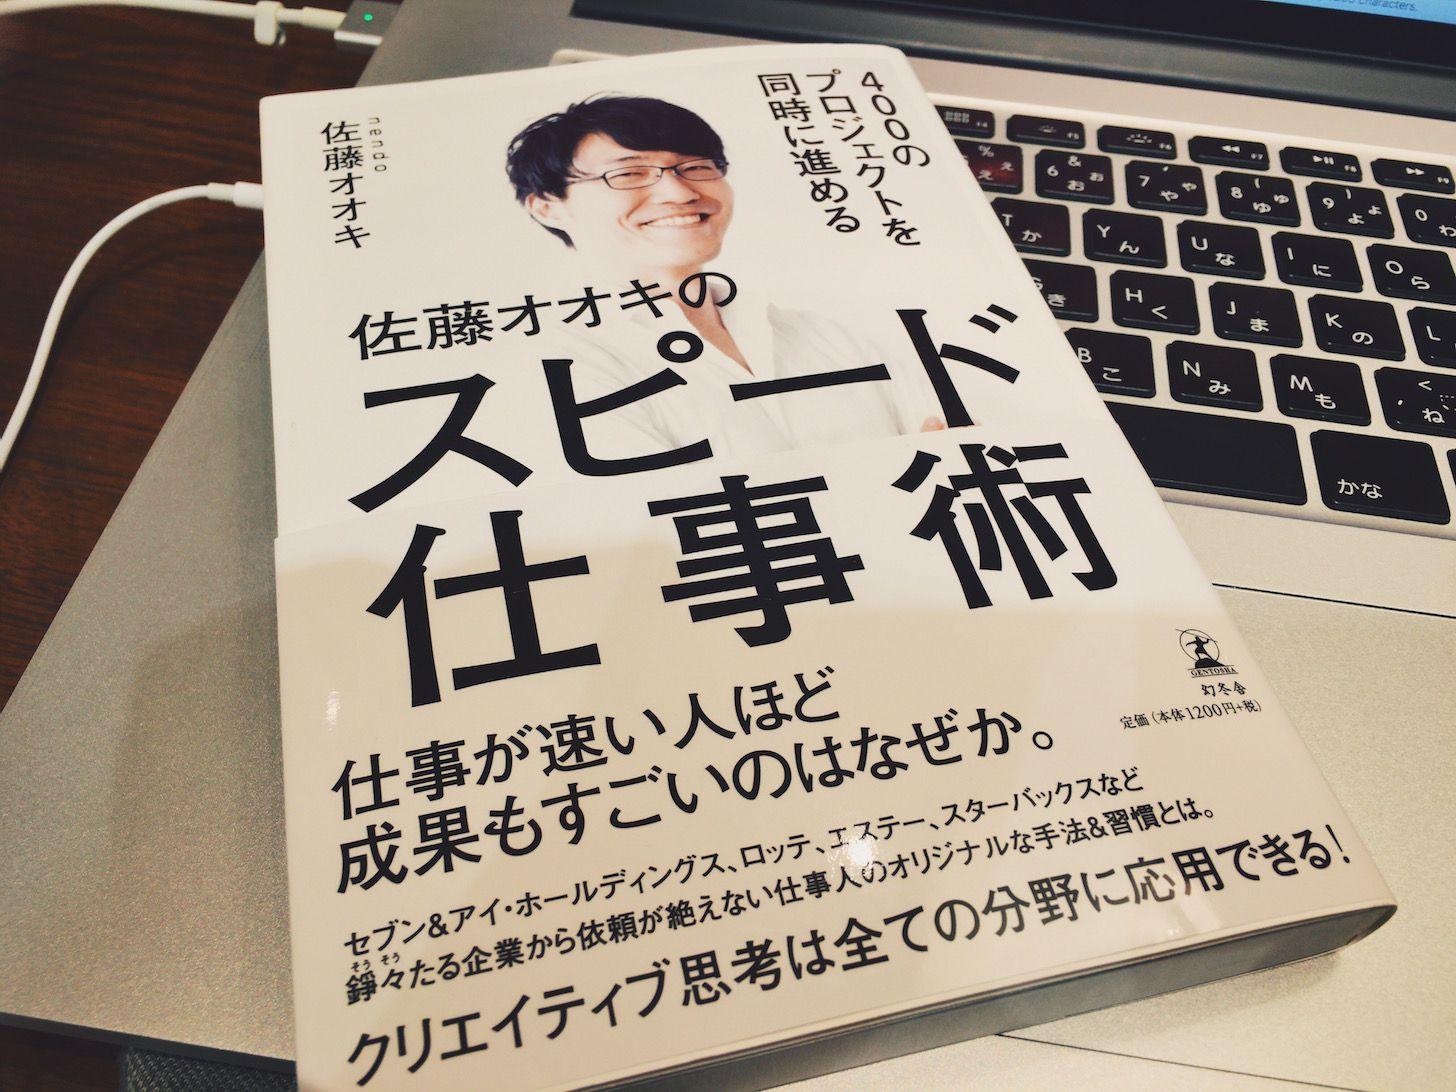 「10年後にやりたい仕事」は今すぐやる 『佐藤オオキのスピード仕事術』